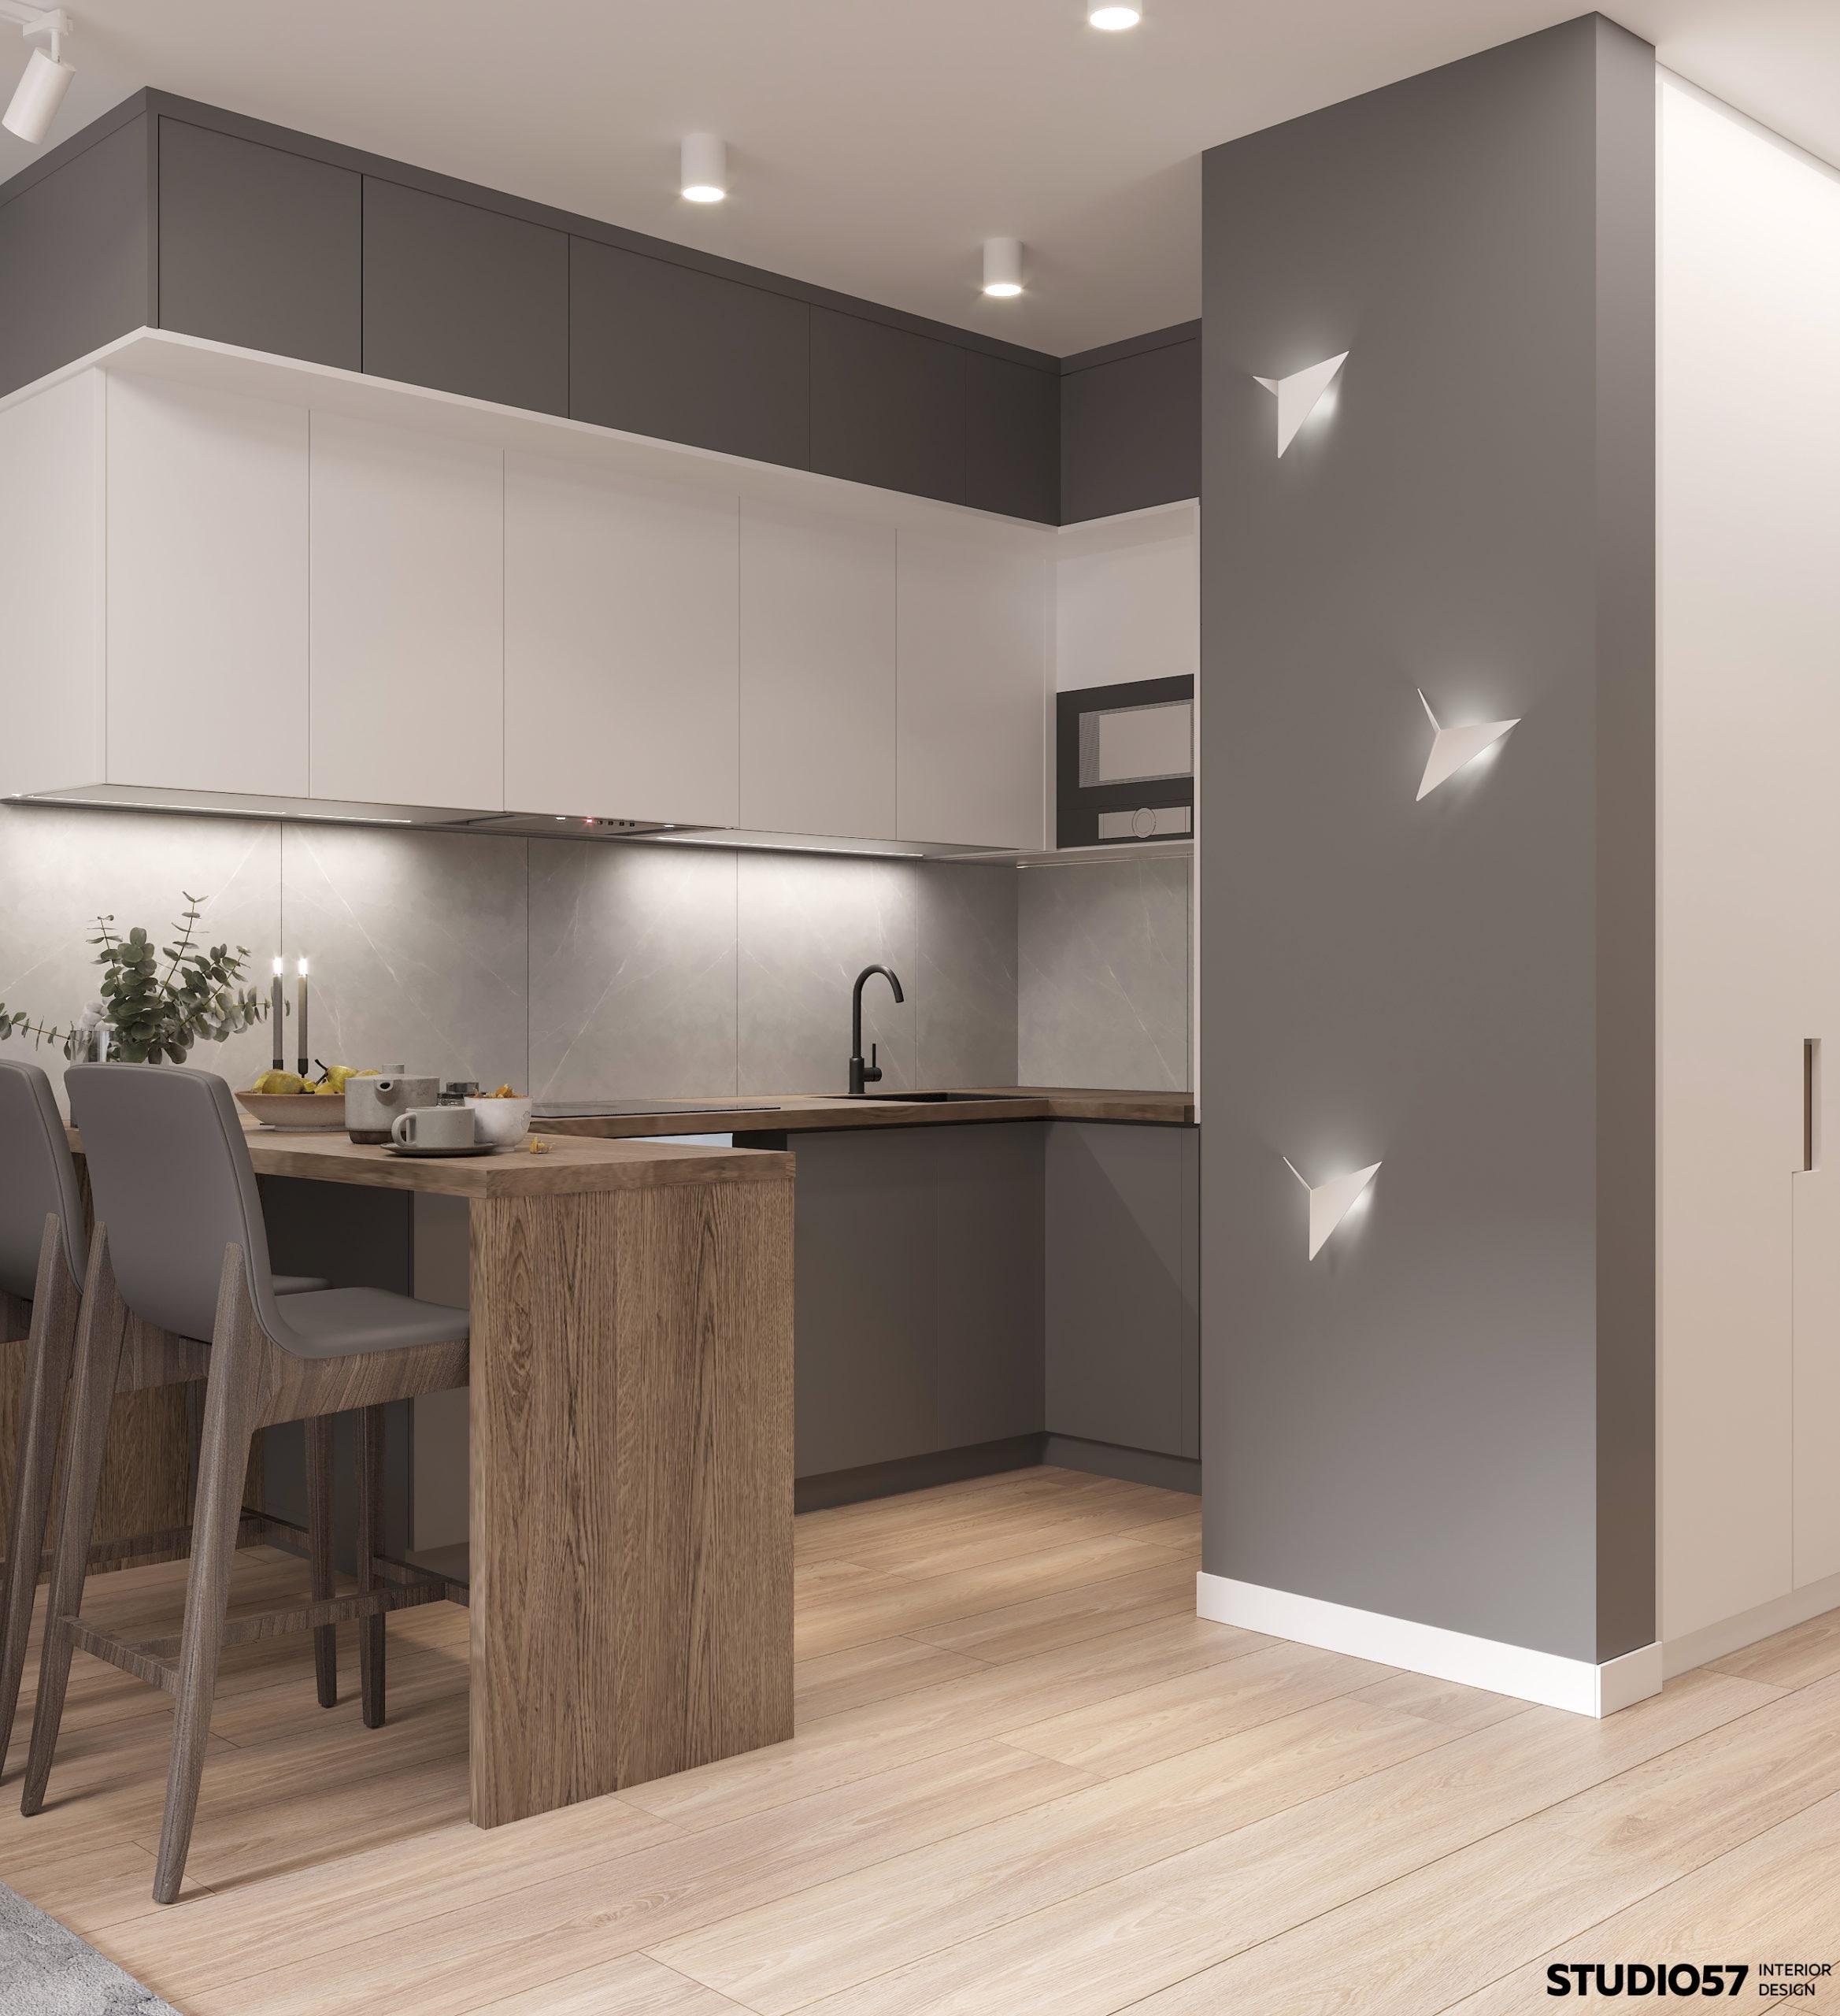 Дизайн кухни-гостиной. Зона кухни.